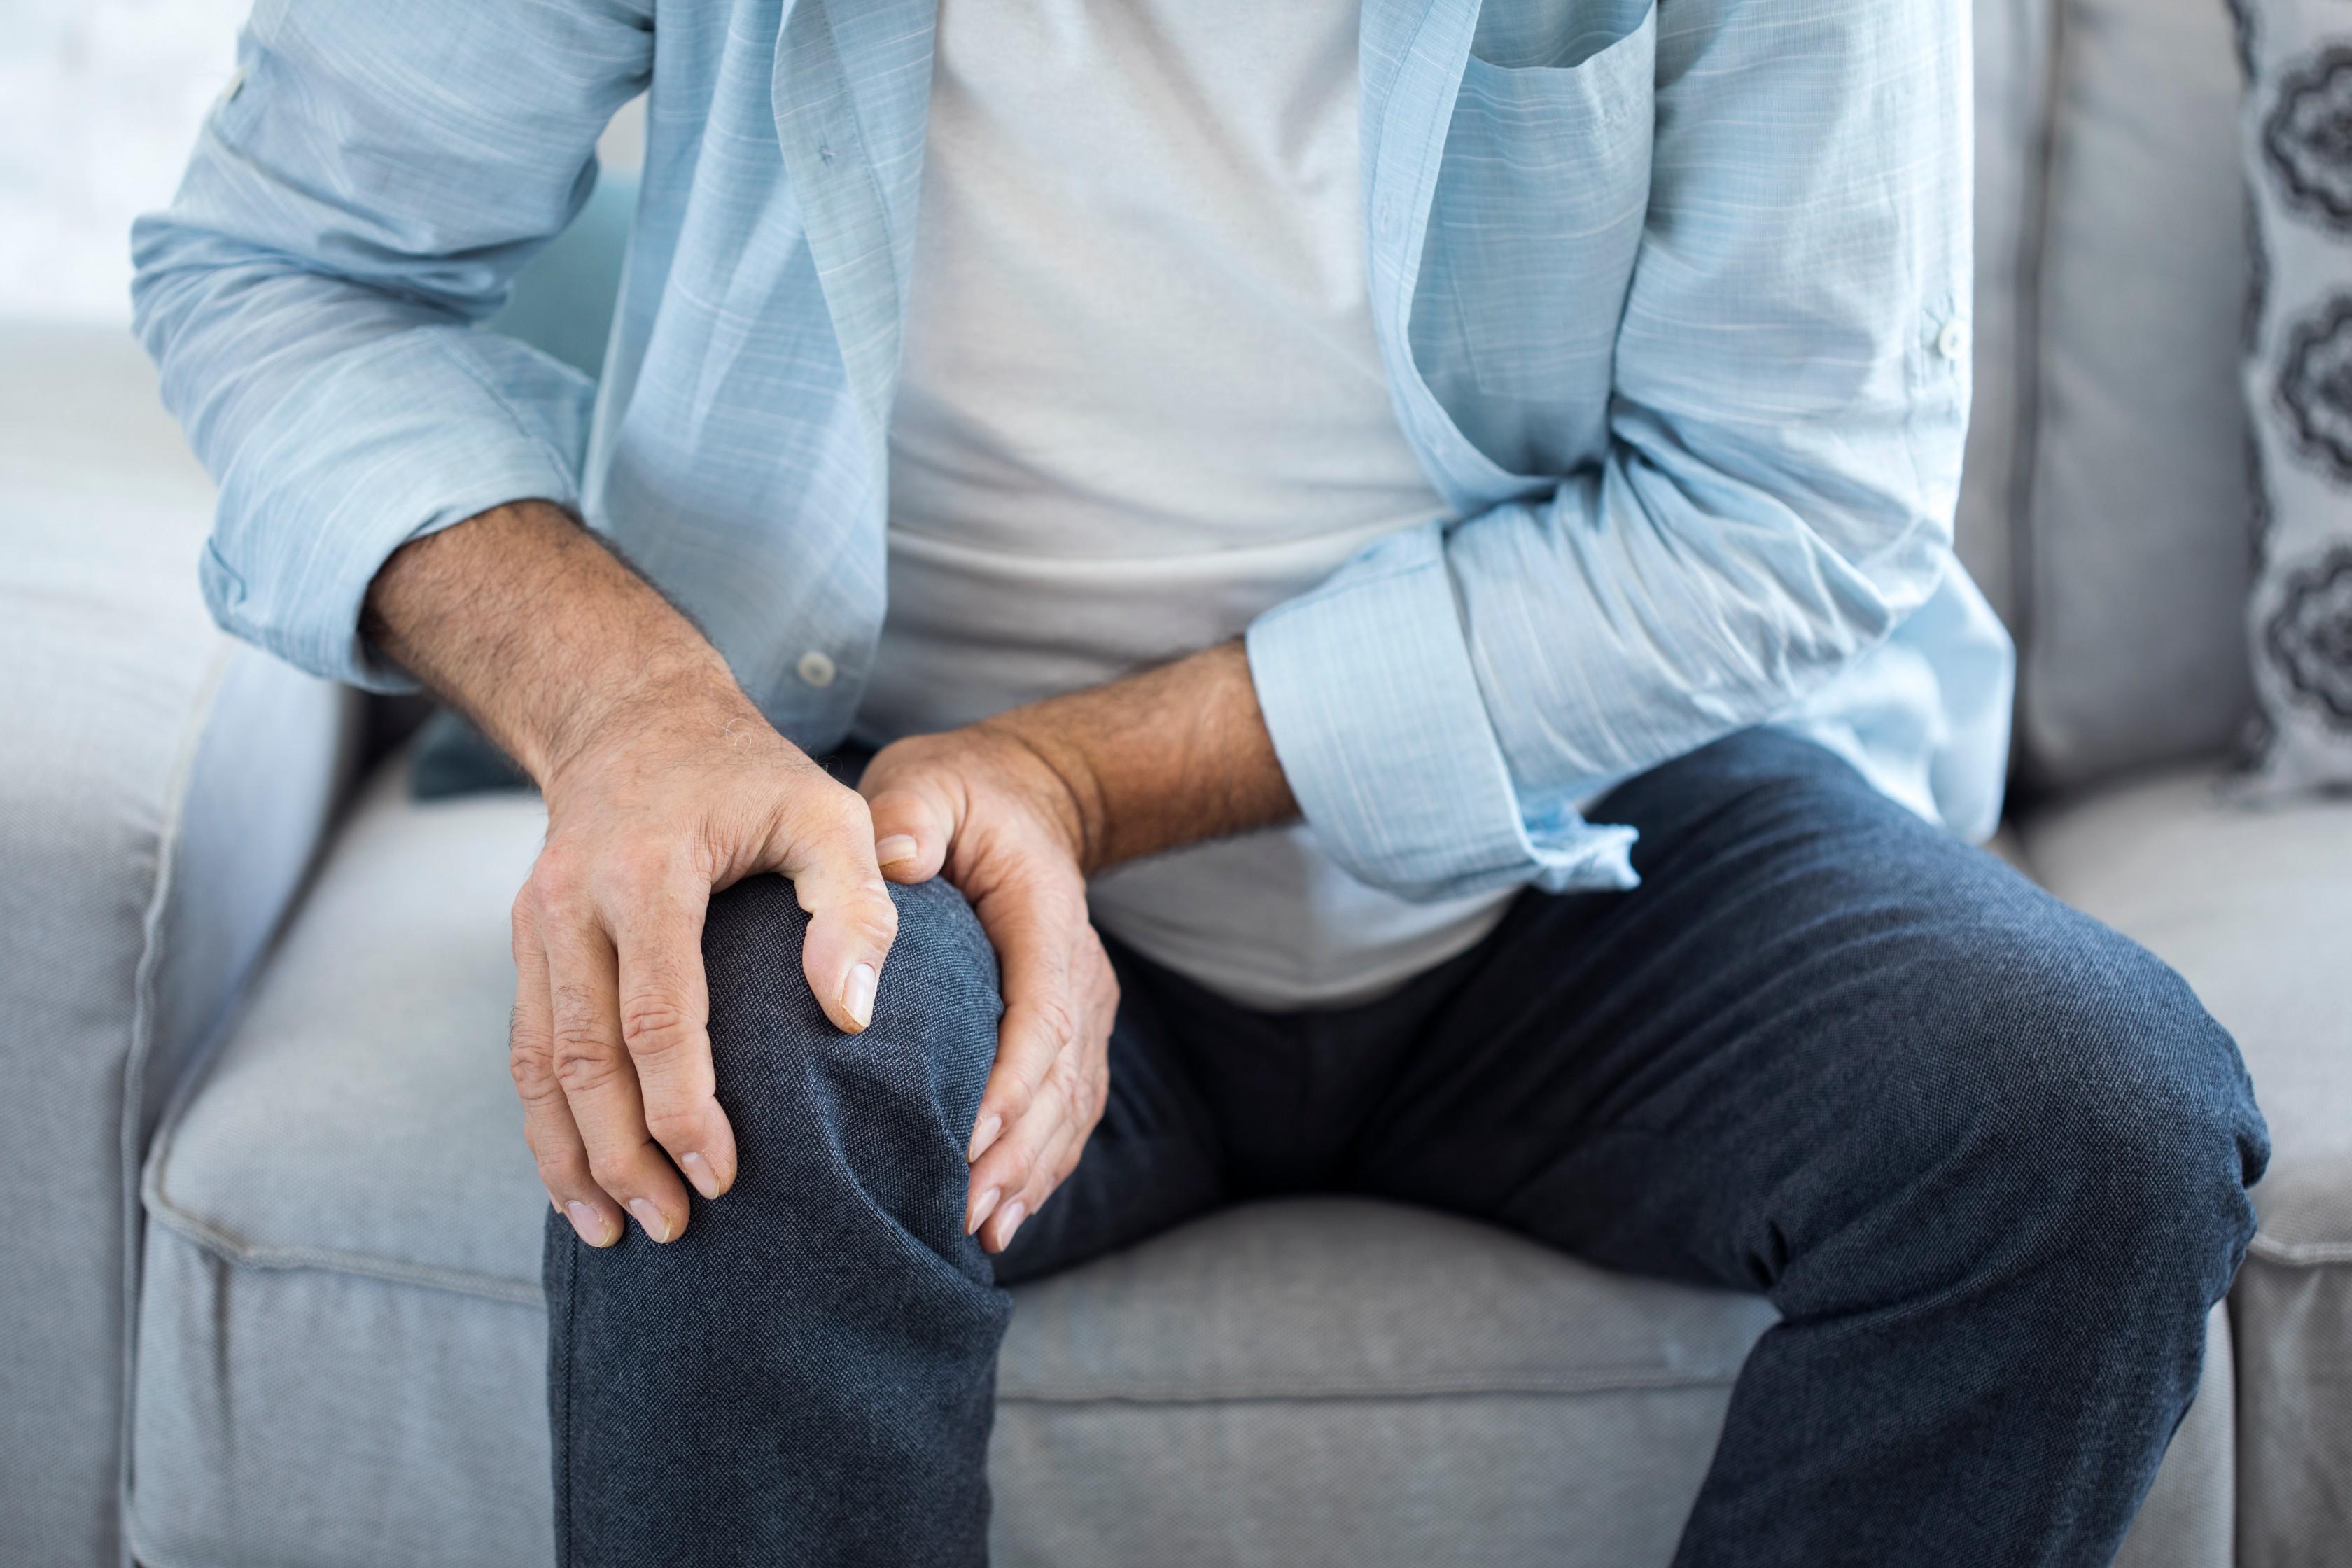 ízületek fájnak epidurális után